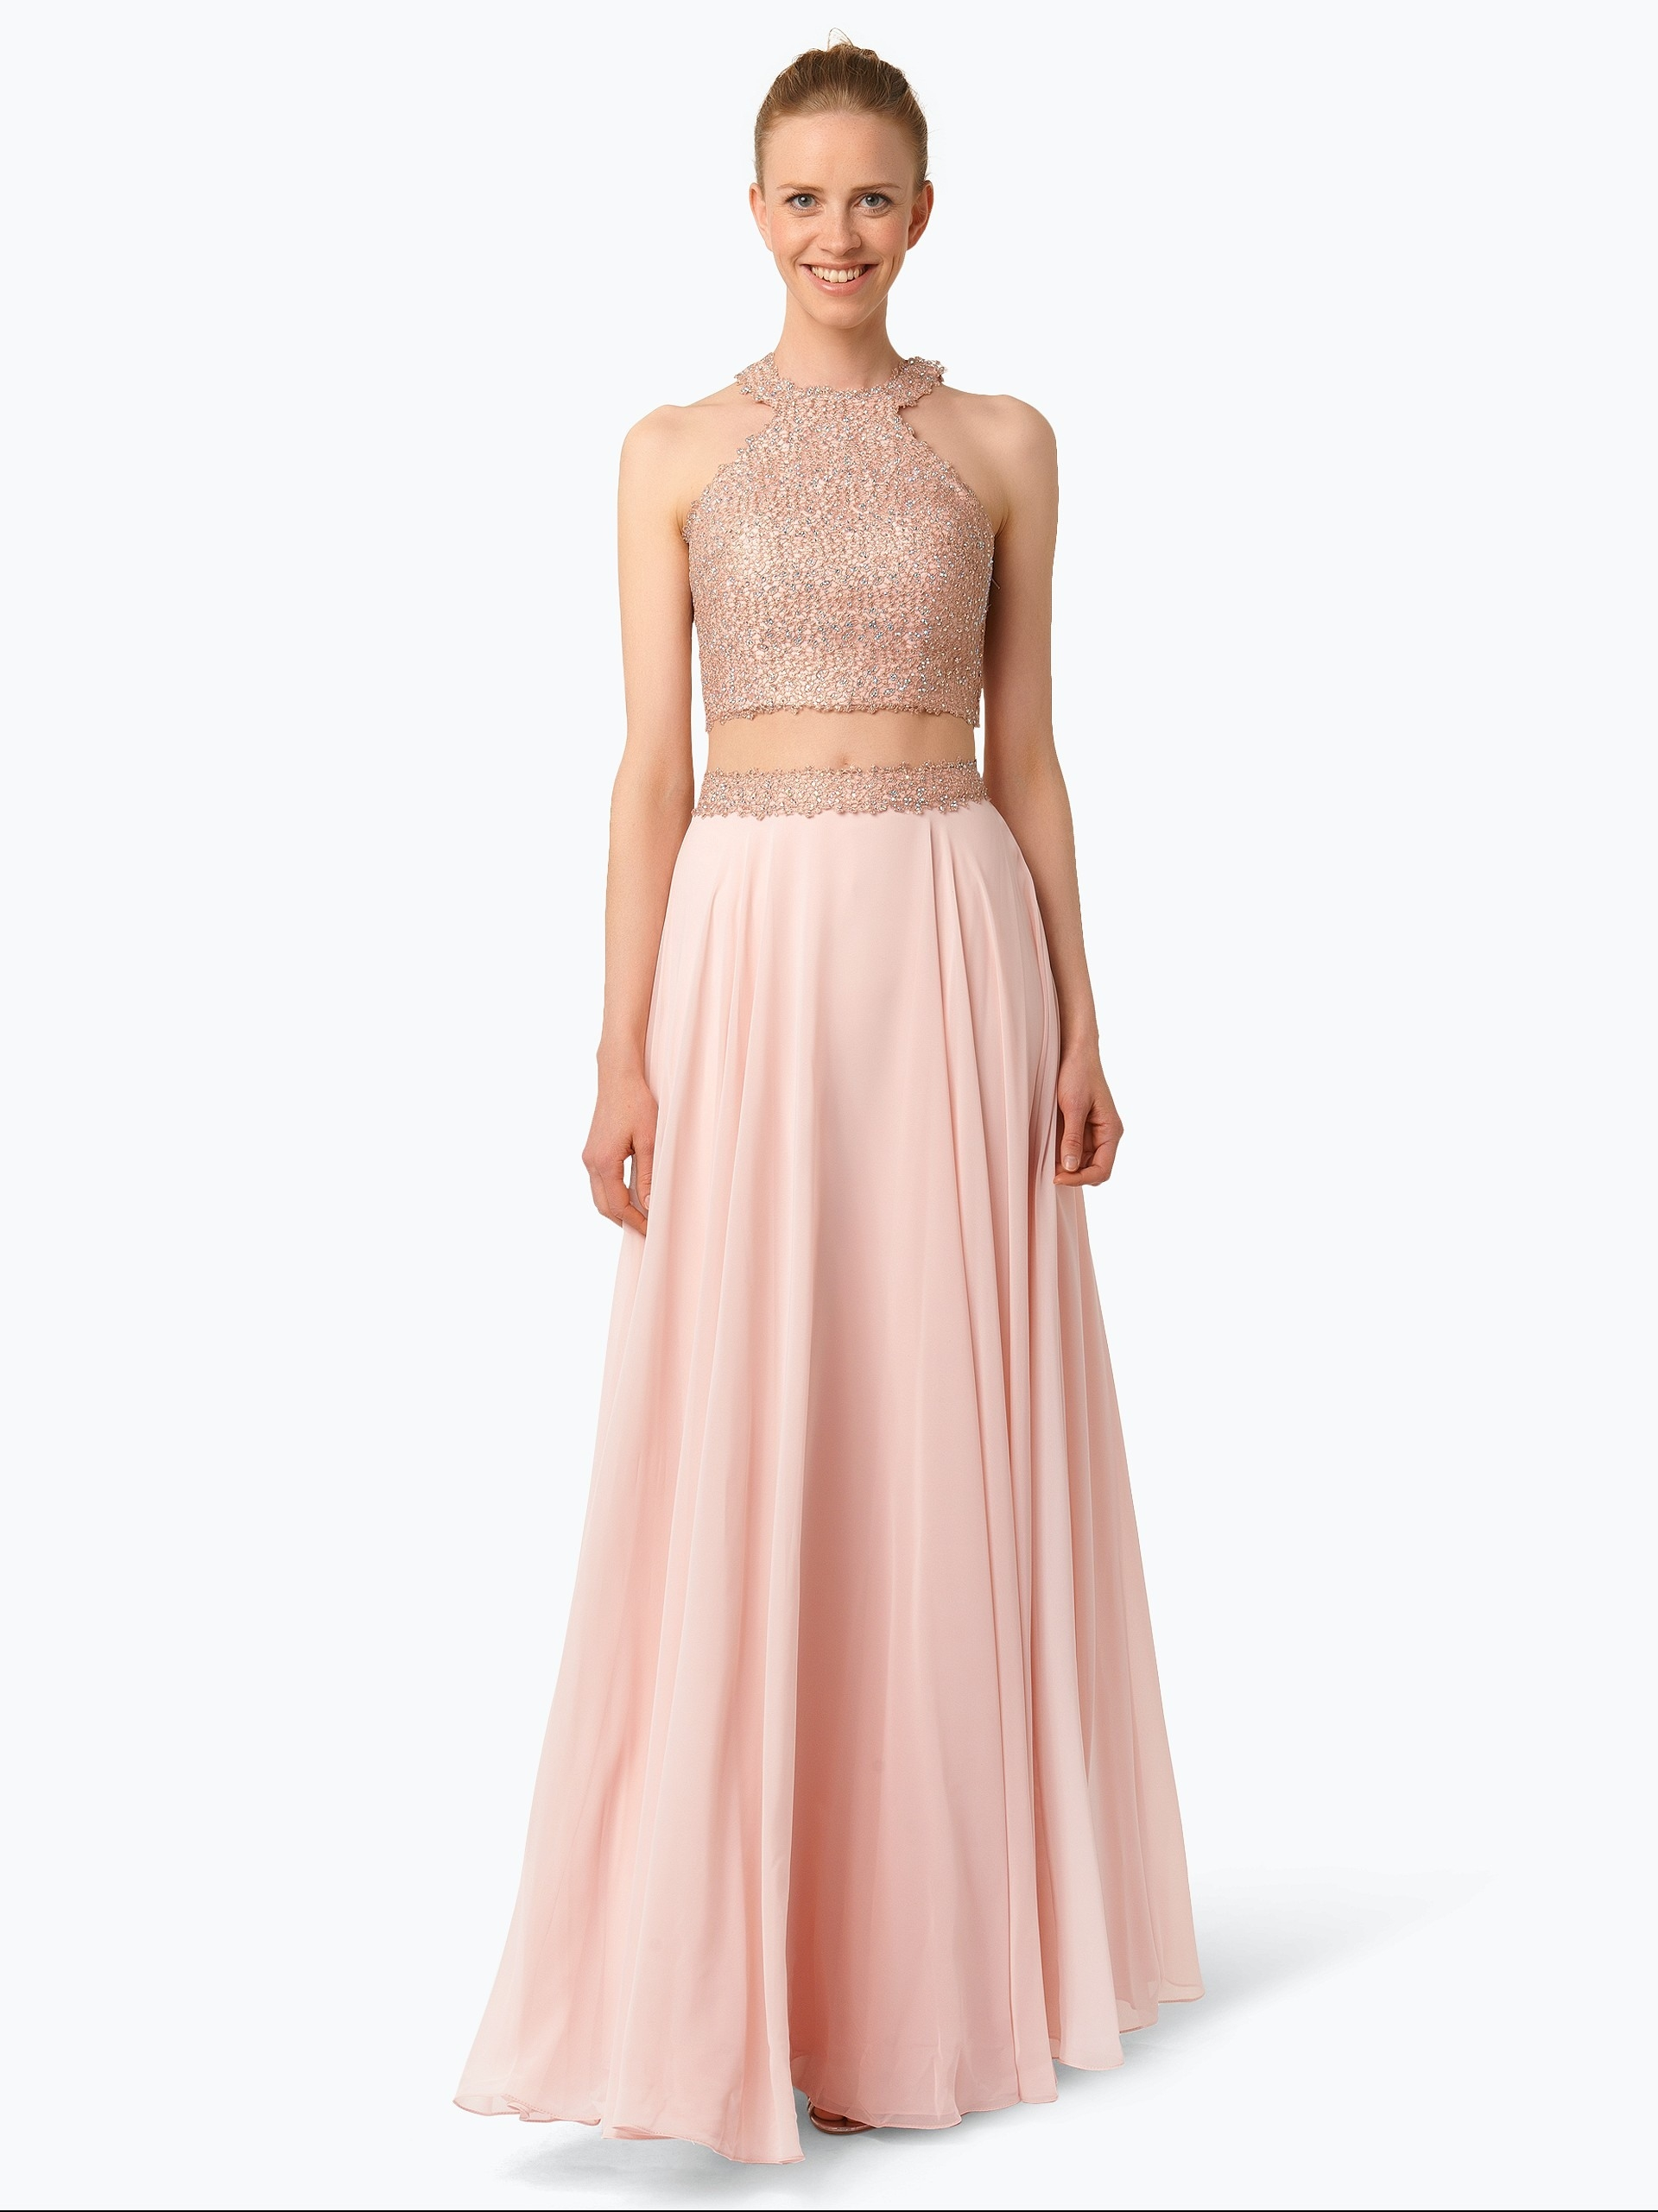 Designer Einzigartig Fashion Abendkleider Vertrieb20 Kreativ Fashion Abendkleider Stylish